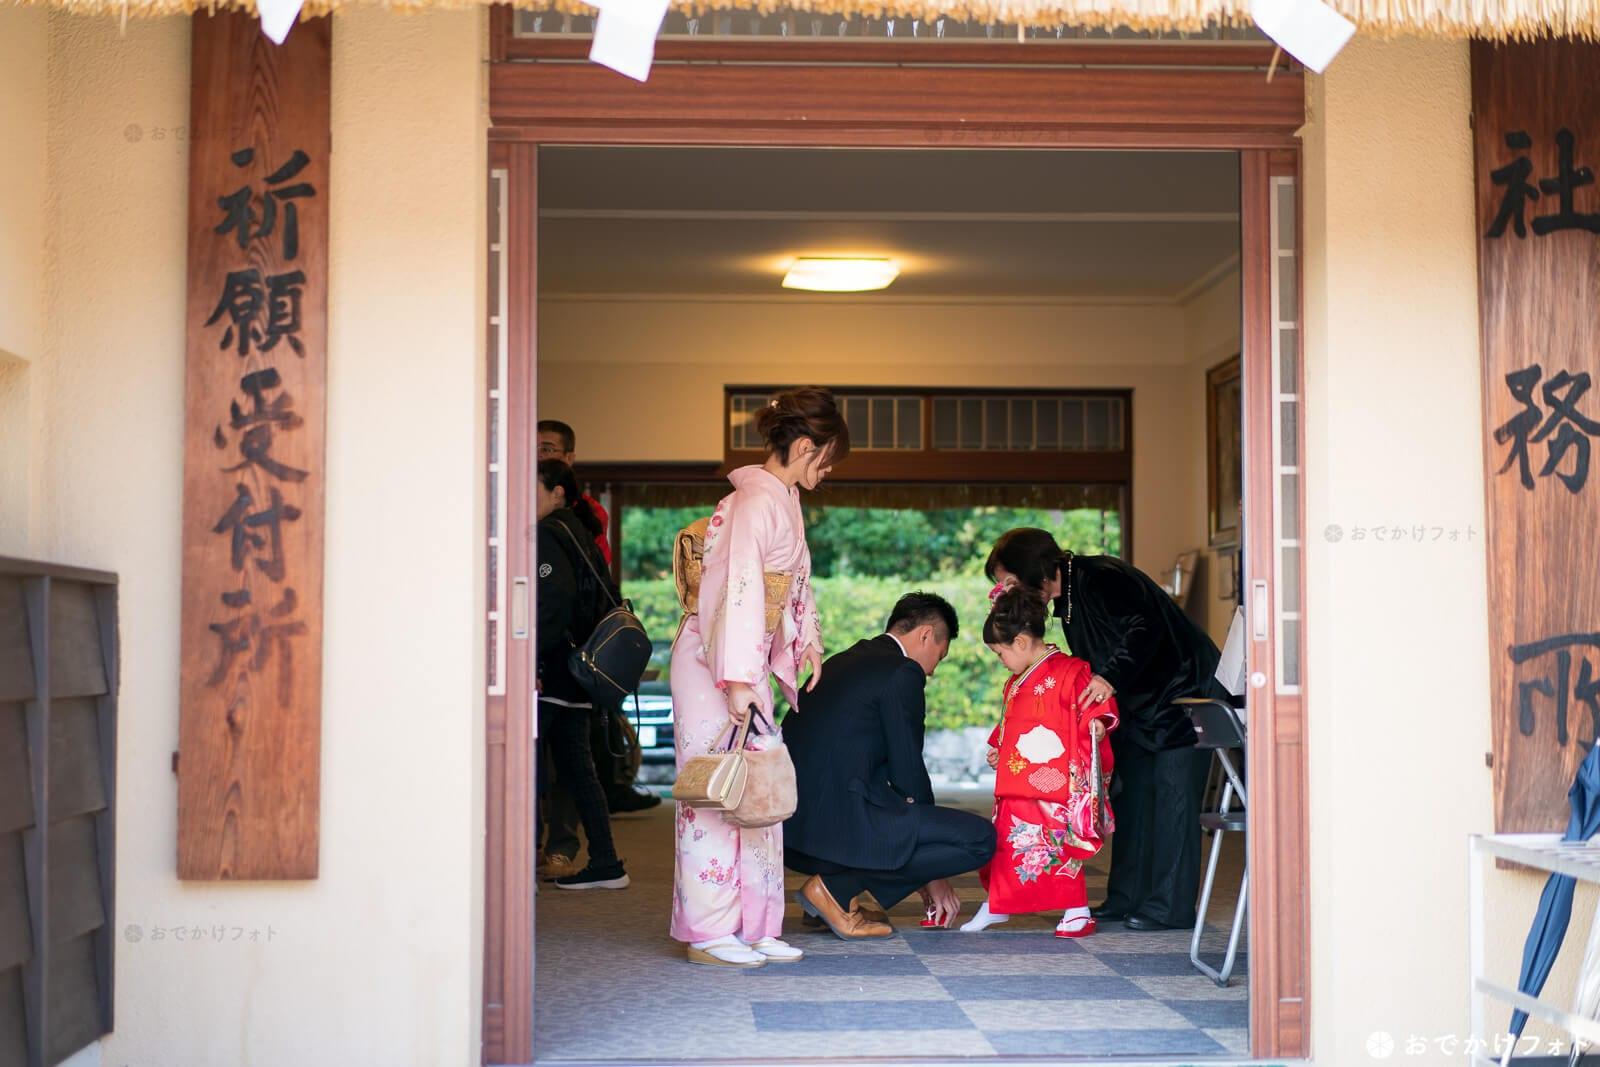 護国神社 祈願の受付